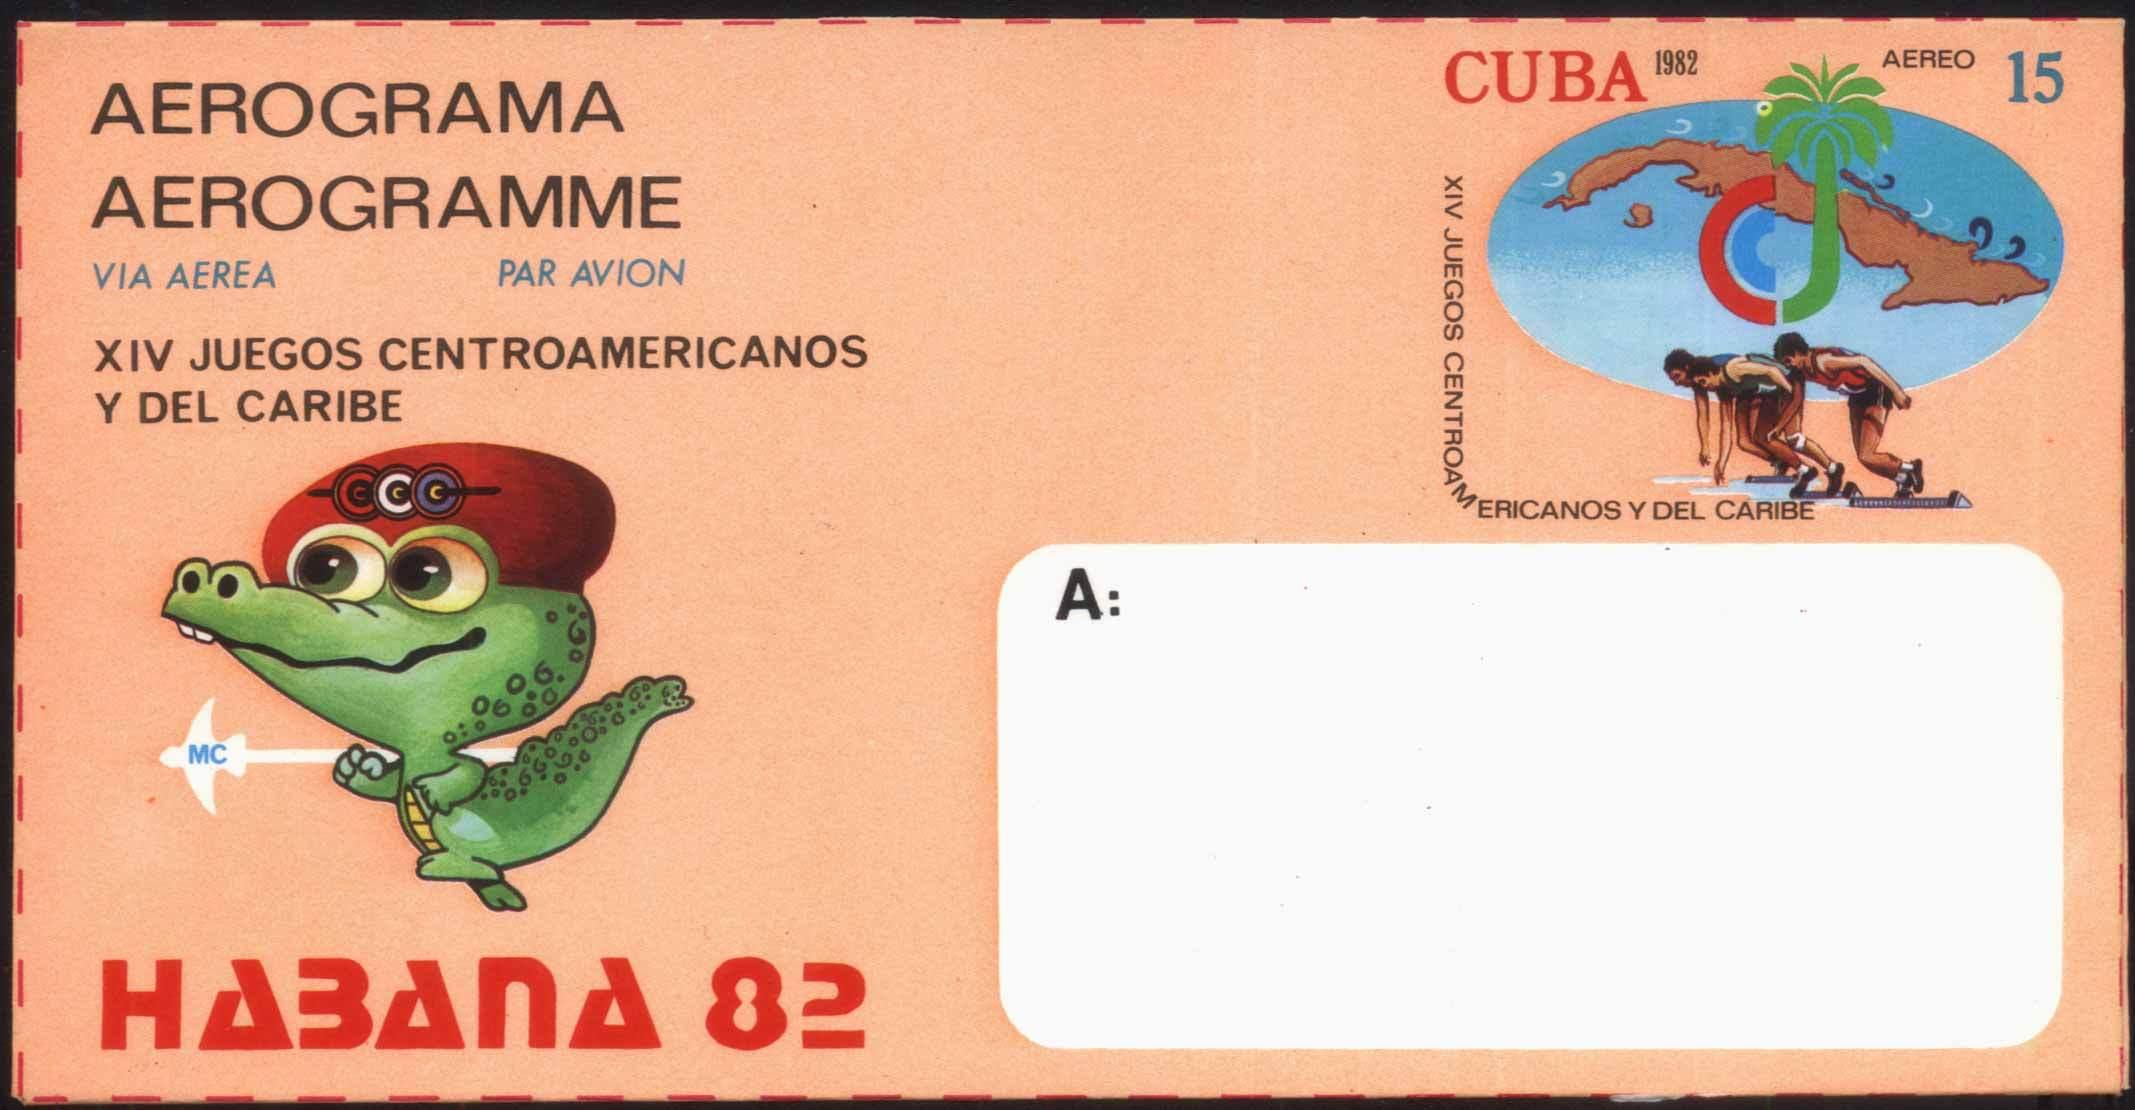 HB-YJ1 куба '82 простой изображенный бокс матч бейсбол водное поло матч почта простой изображенный куба карта печать